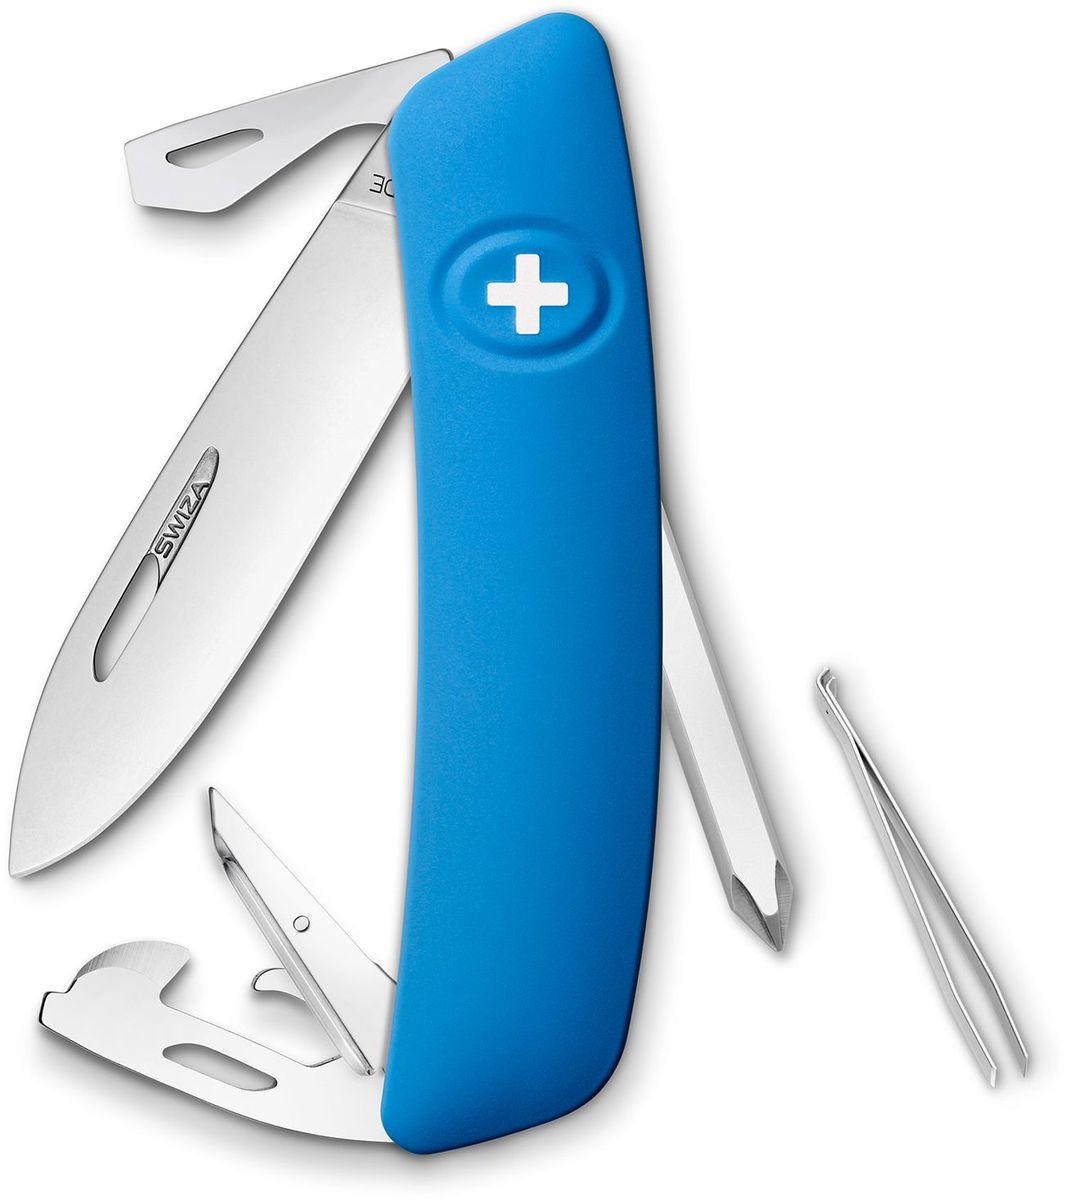 Нож швейцарский SWIZA D04, цвет: синий, длина клинка 7,5 см